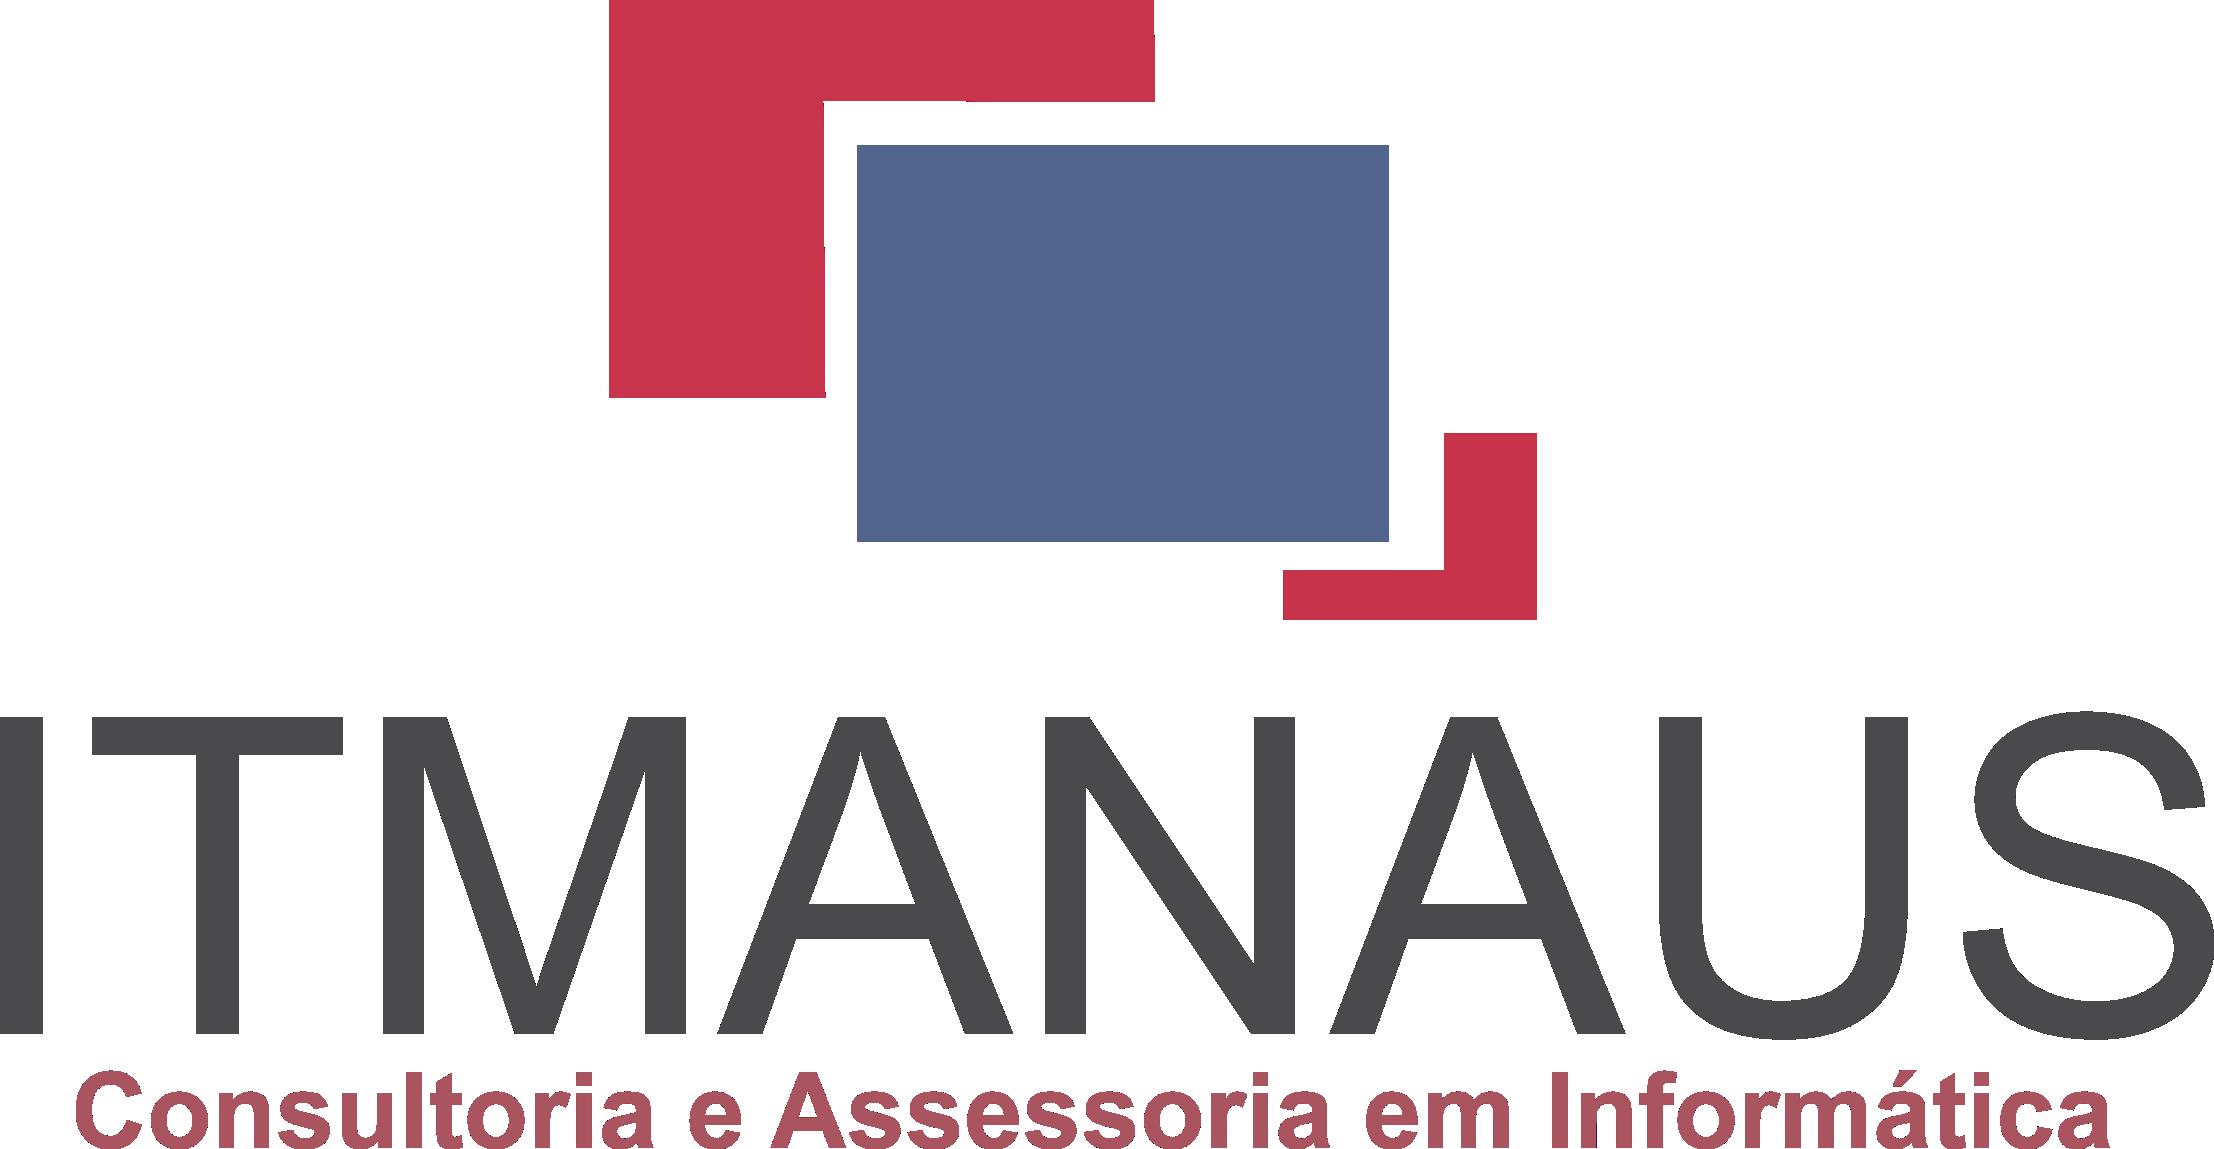 ITMANAUS - CONSULTORIA E ASSESSORIA DE INFORMÁTICA